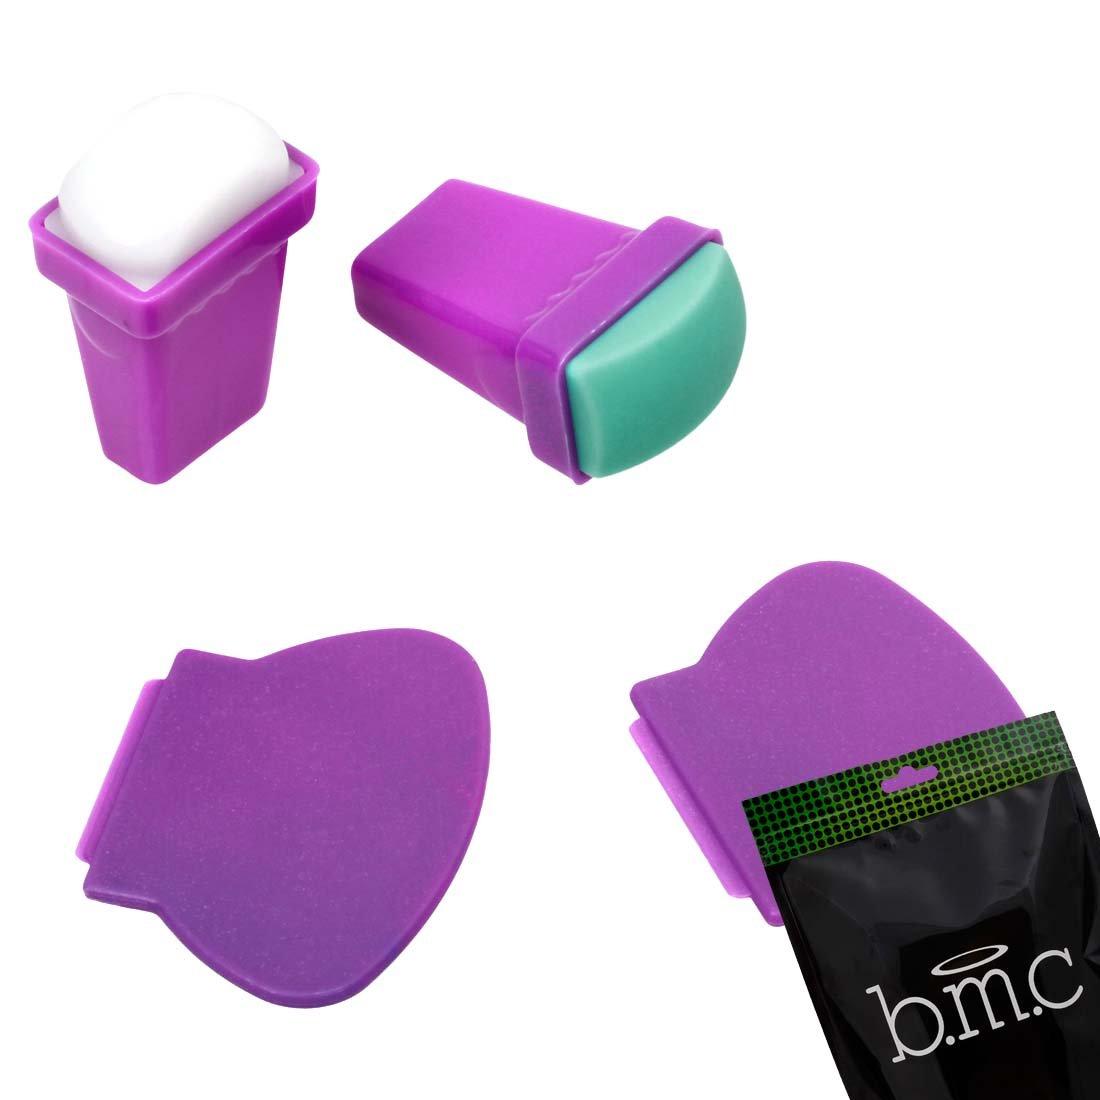 Amazon.com : BMC 4pc Silicone and Rubber Stamper Plastic Scraper ...